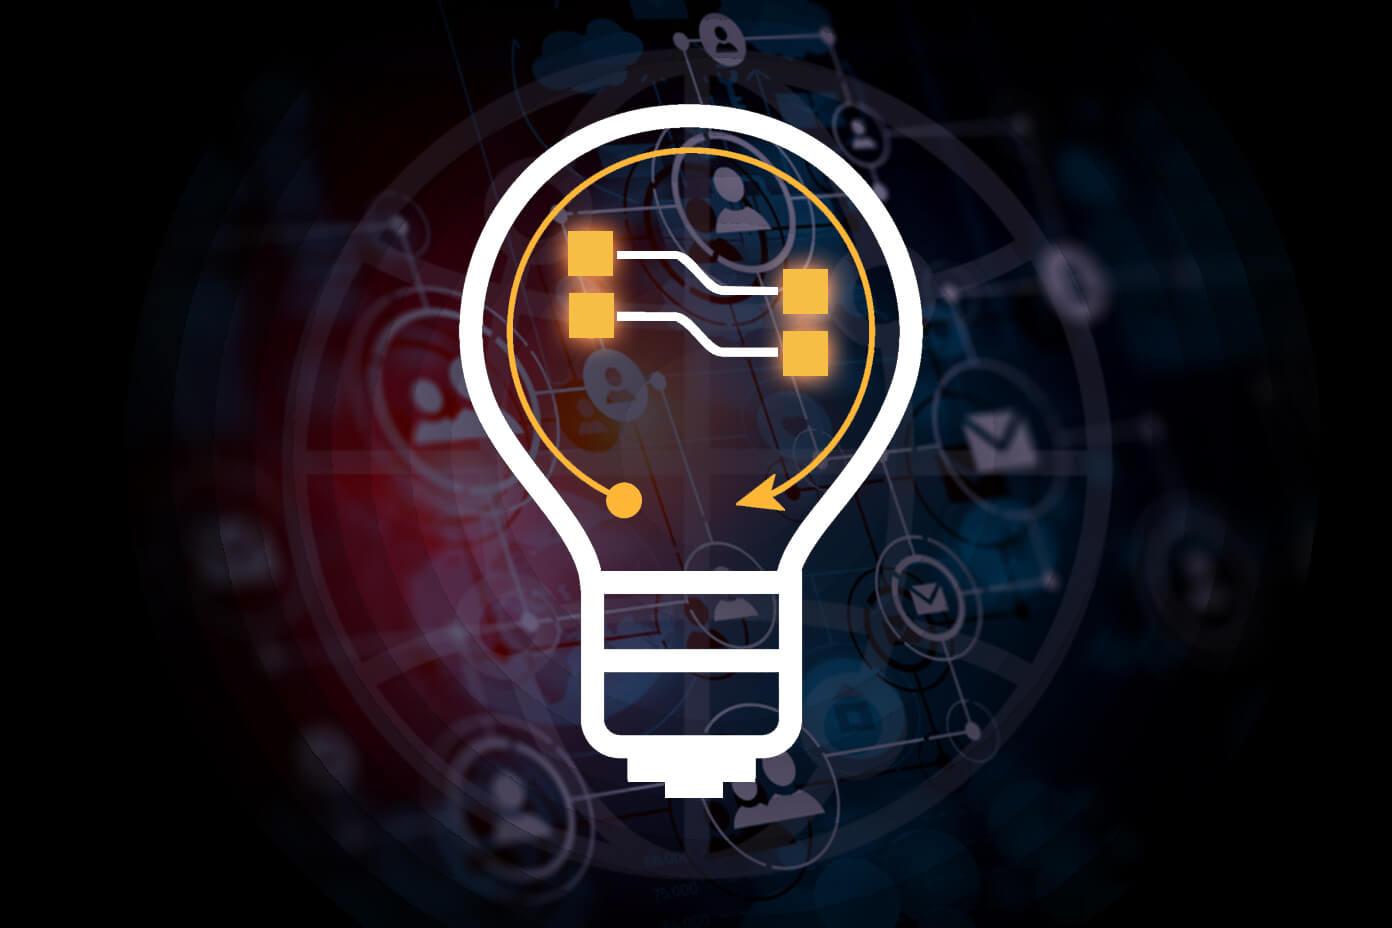 Global Fintech Landscape & Embracing Digital Disruption